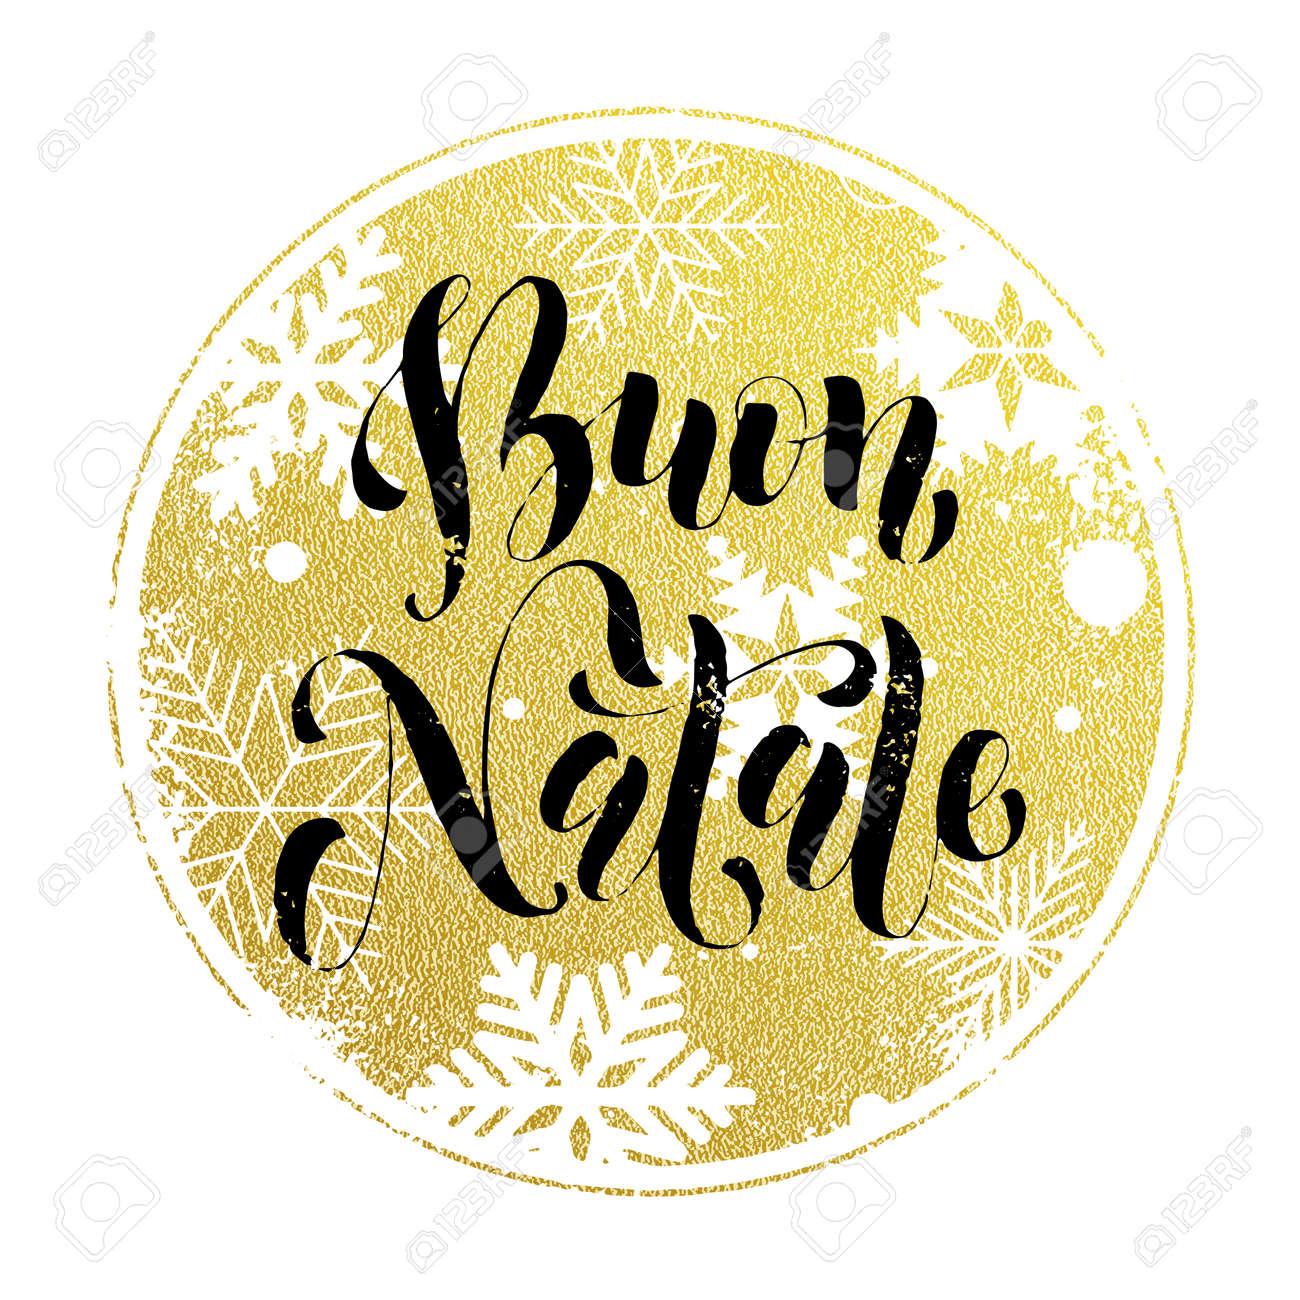 Weihnachten In Italien weihnachten in italien buon natale golden runde karte grußkarte